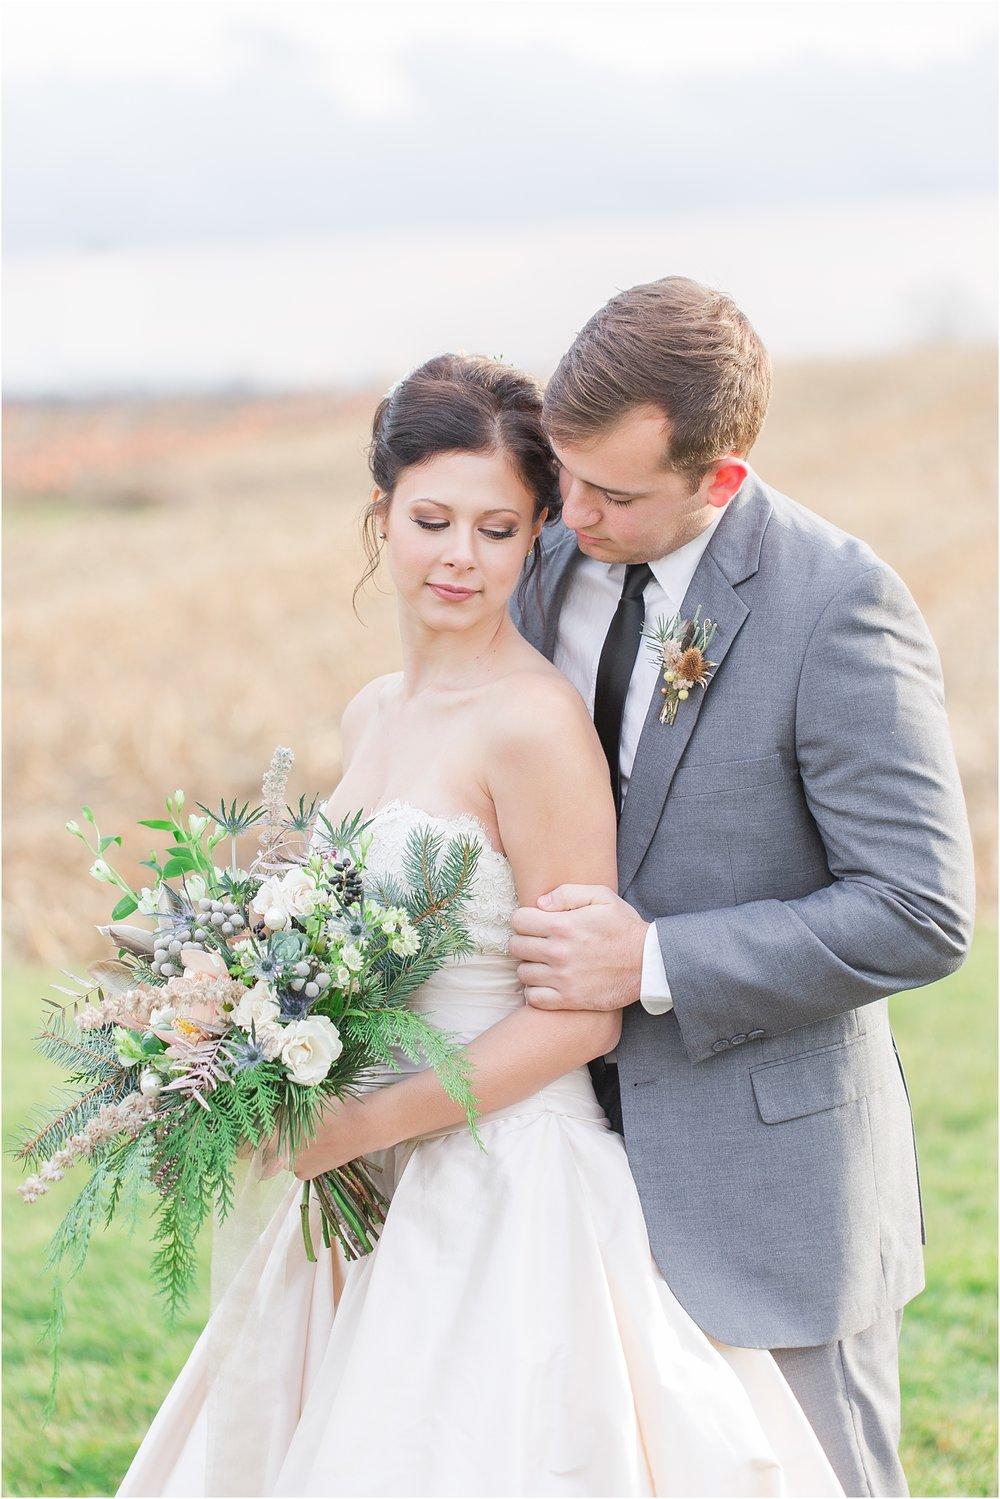 elegant-classic-timeless-candid-winter-wedding-photos-in-ann-arbor-mi-by-courtney-carolyn-photography_0017.jpg